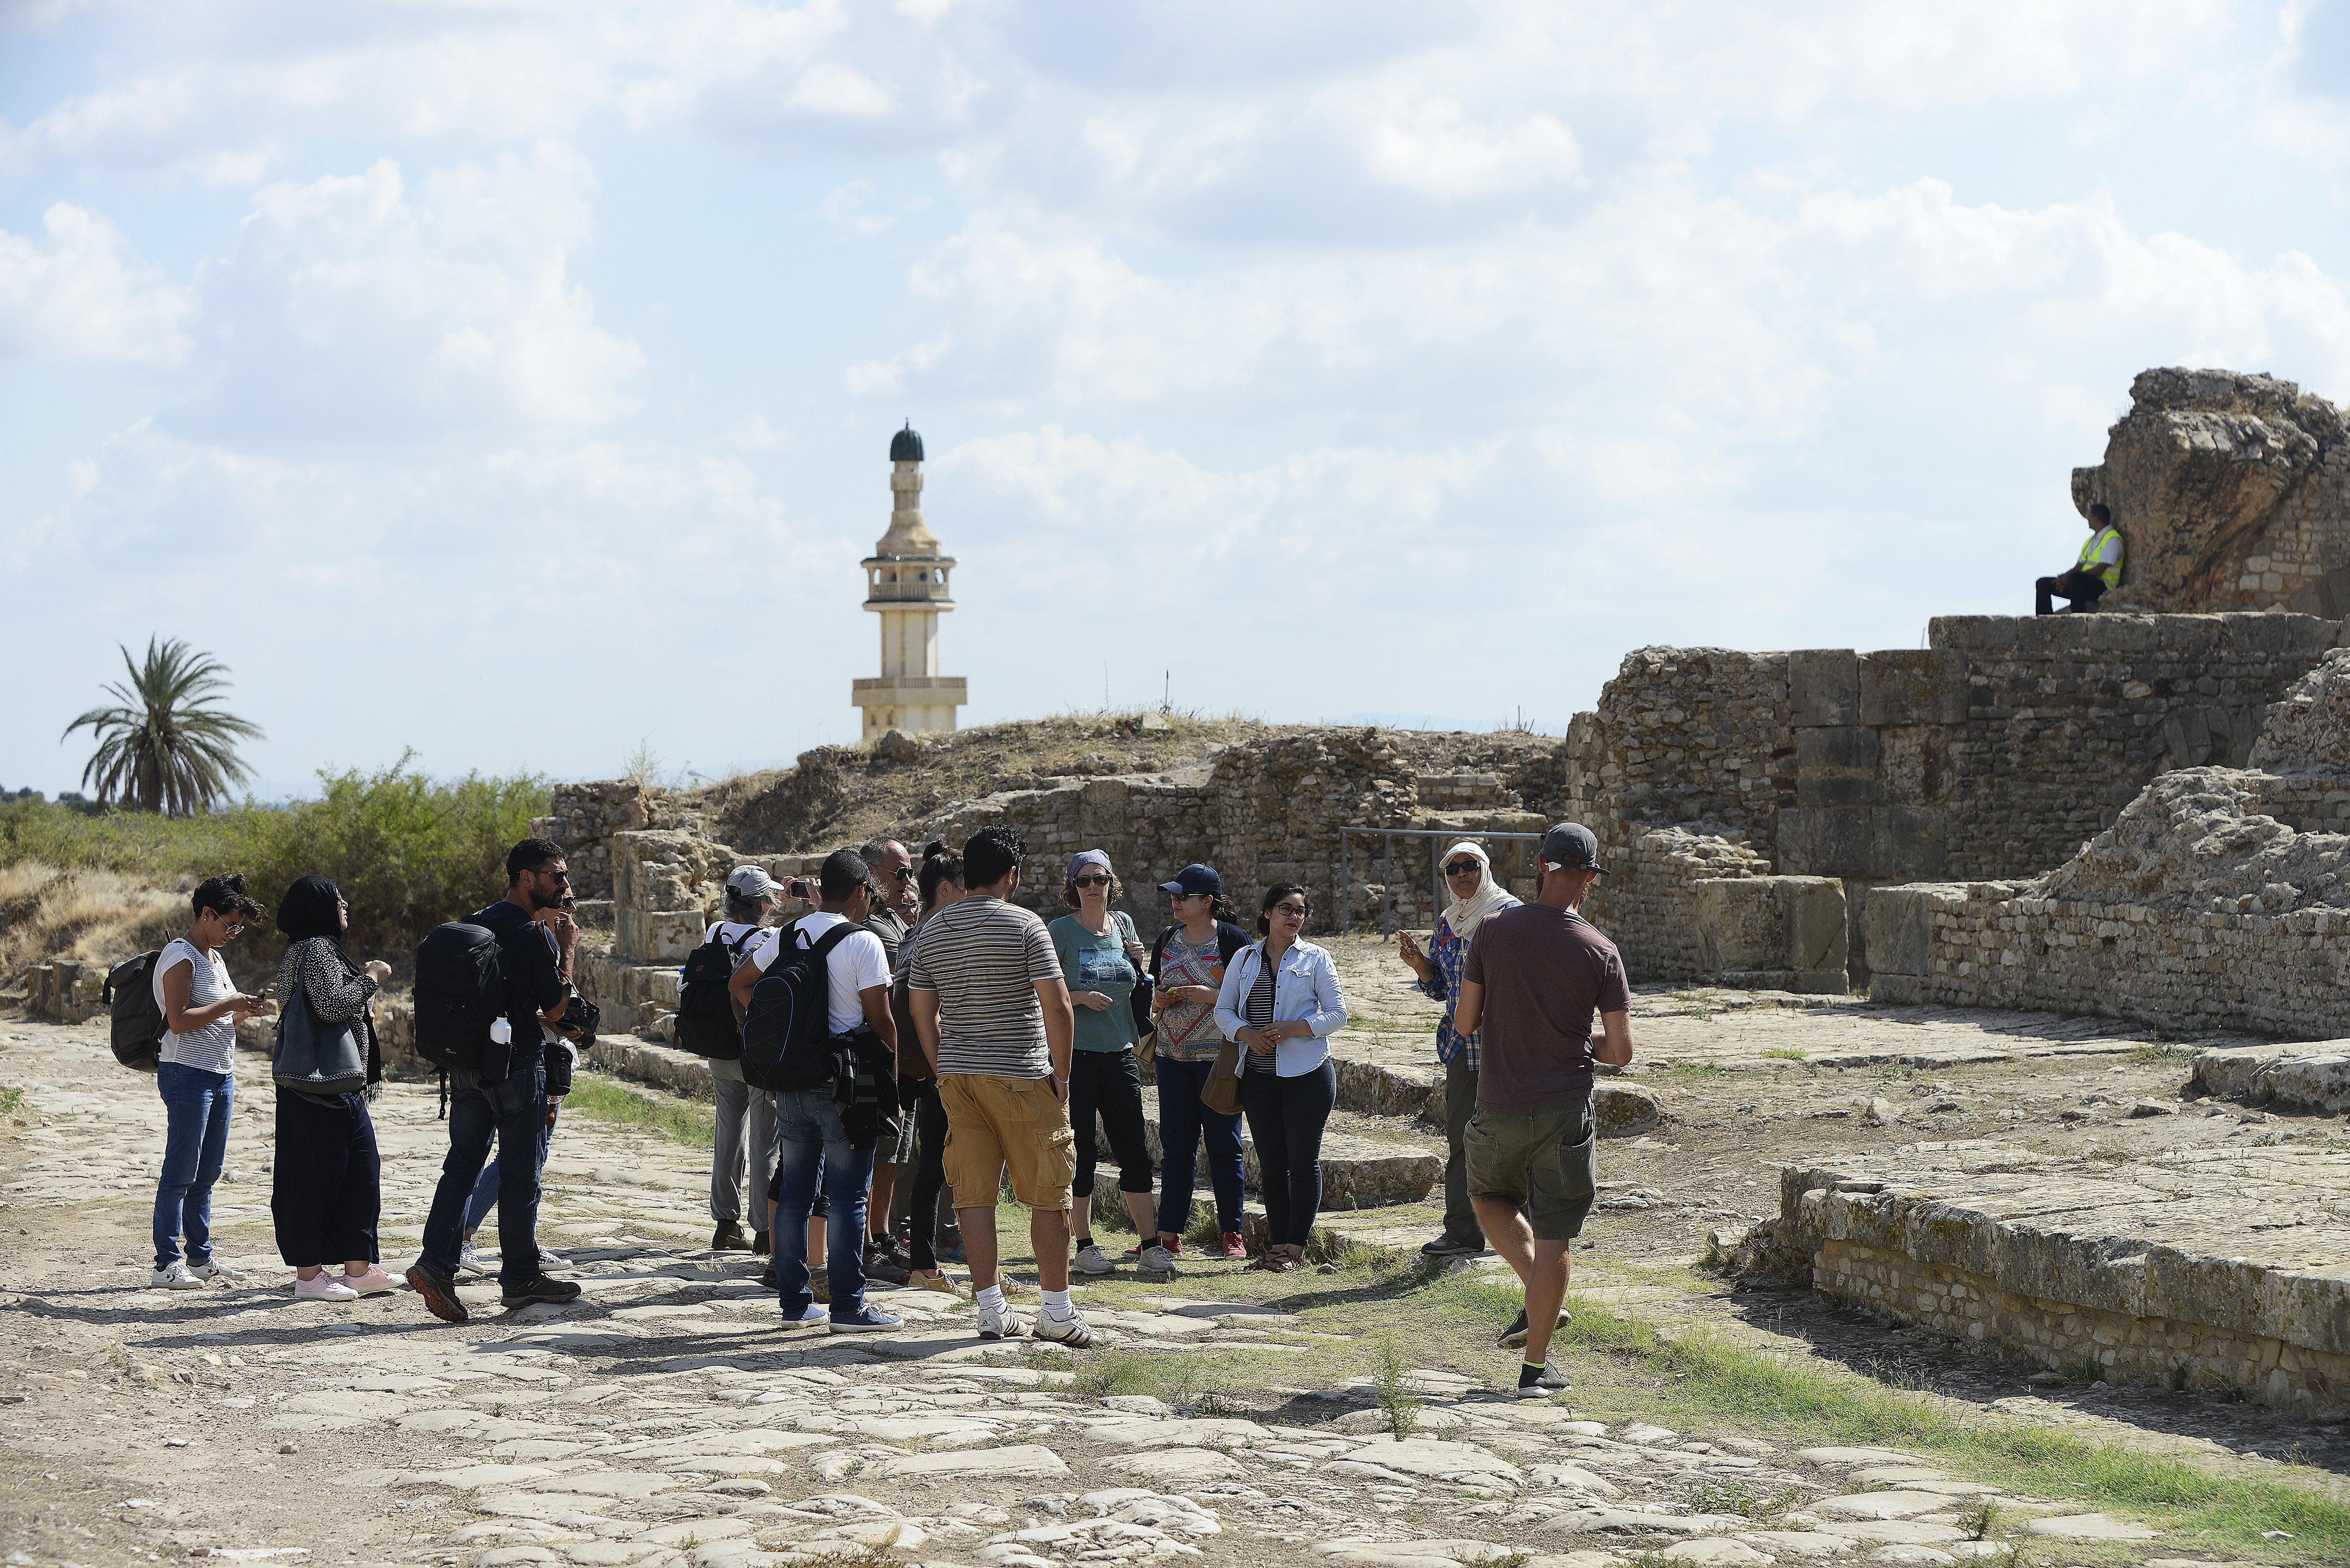 Pour la première fois depuis 2010: Près 8 millions de touristes ont visité la Tunisie en